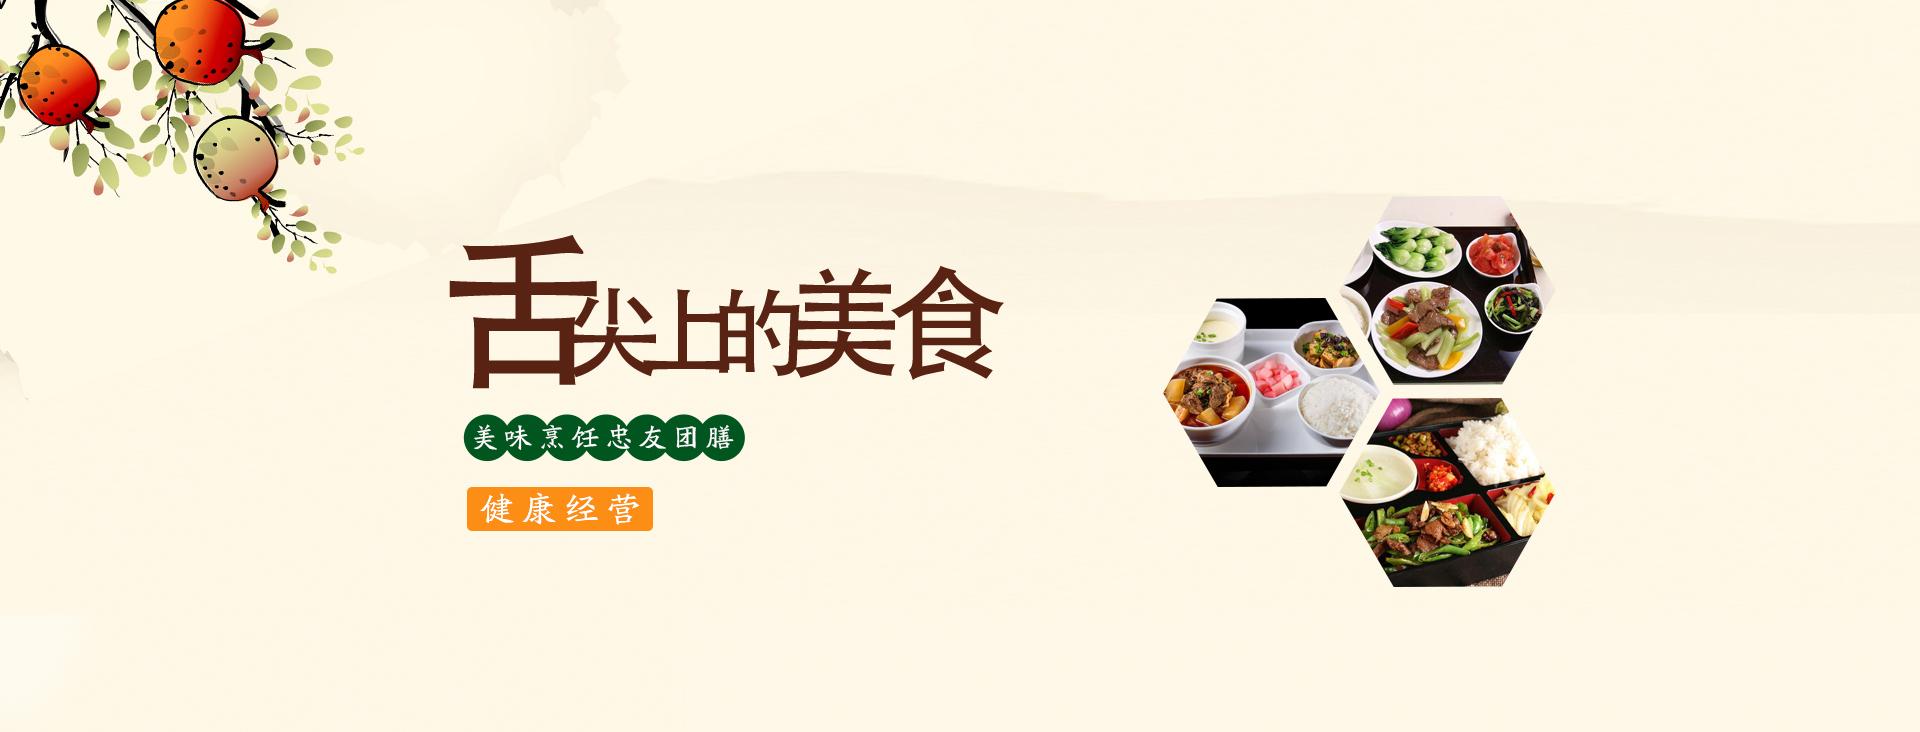 昆山快餐公司